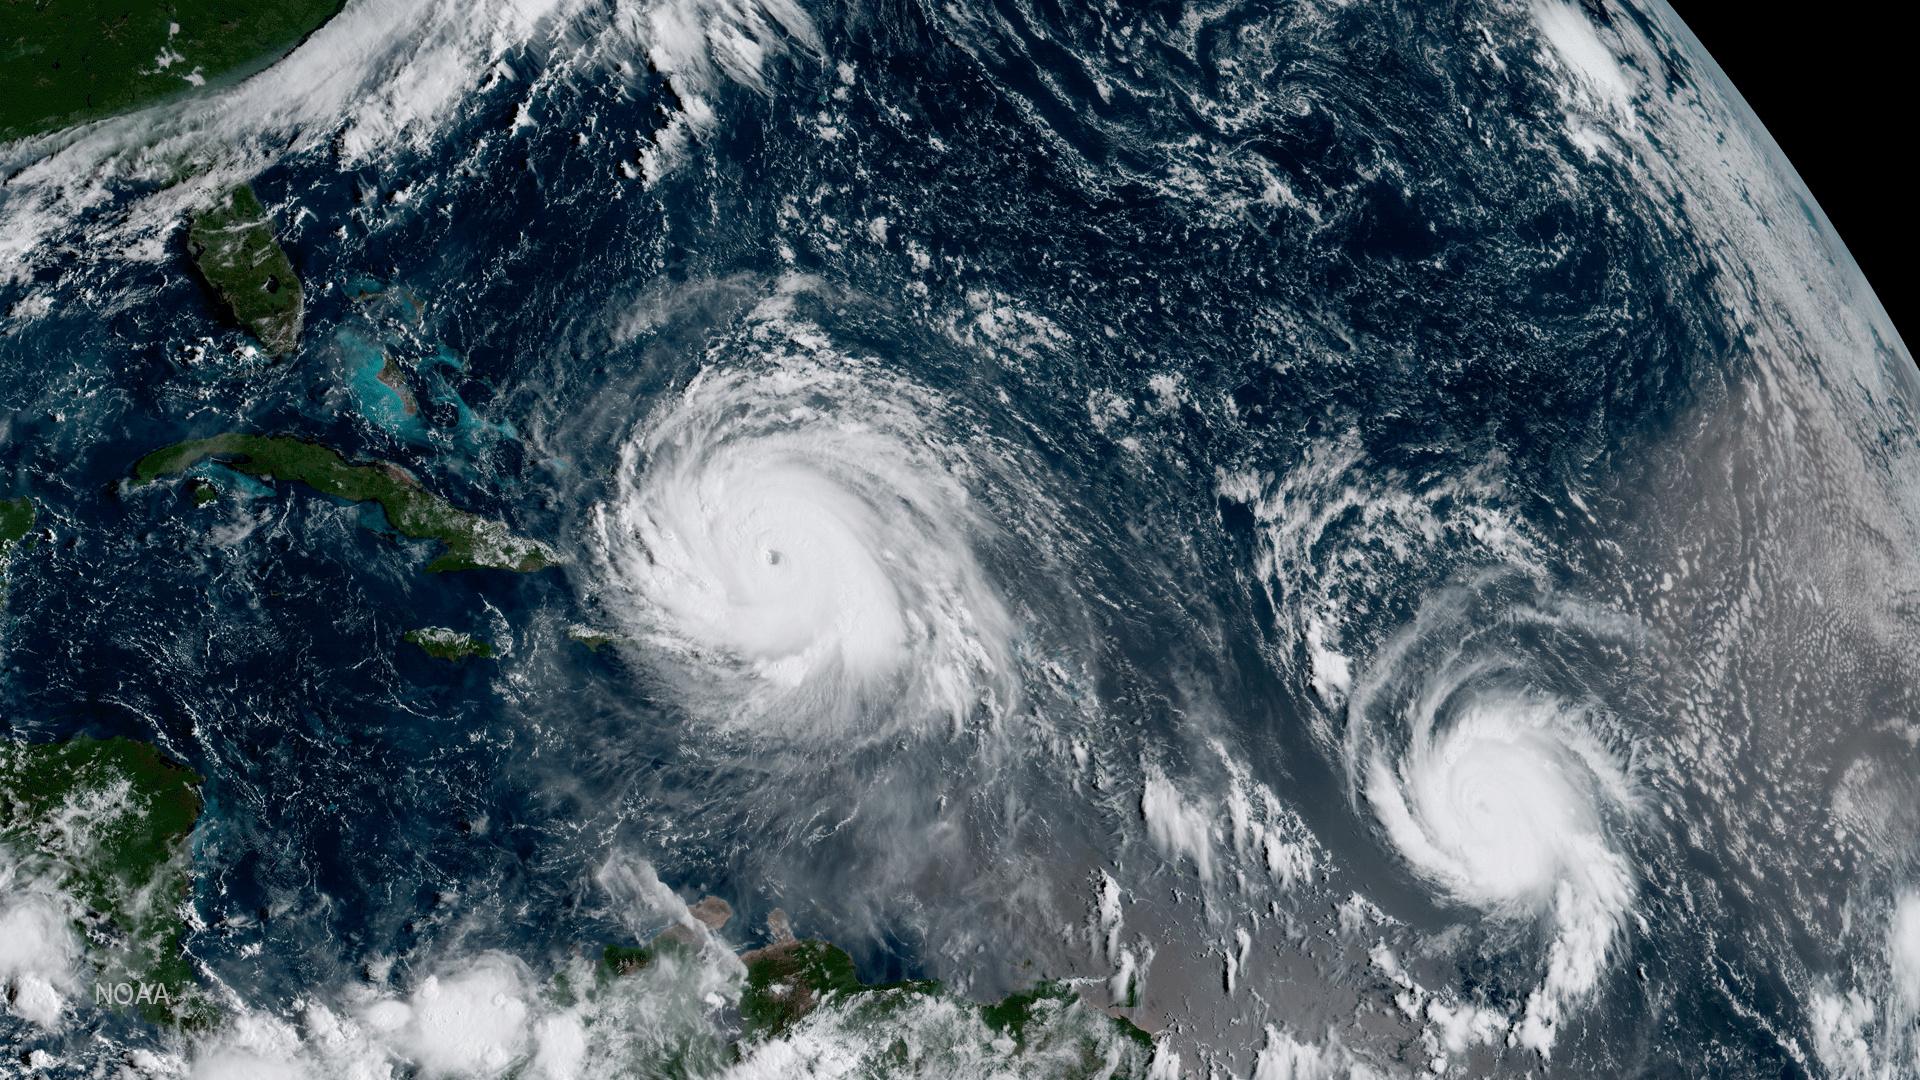 довольно неприхотливые фото урагана ирма из космоса себя создаете